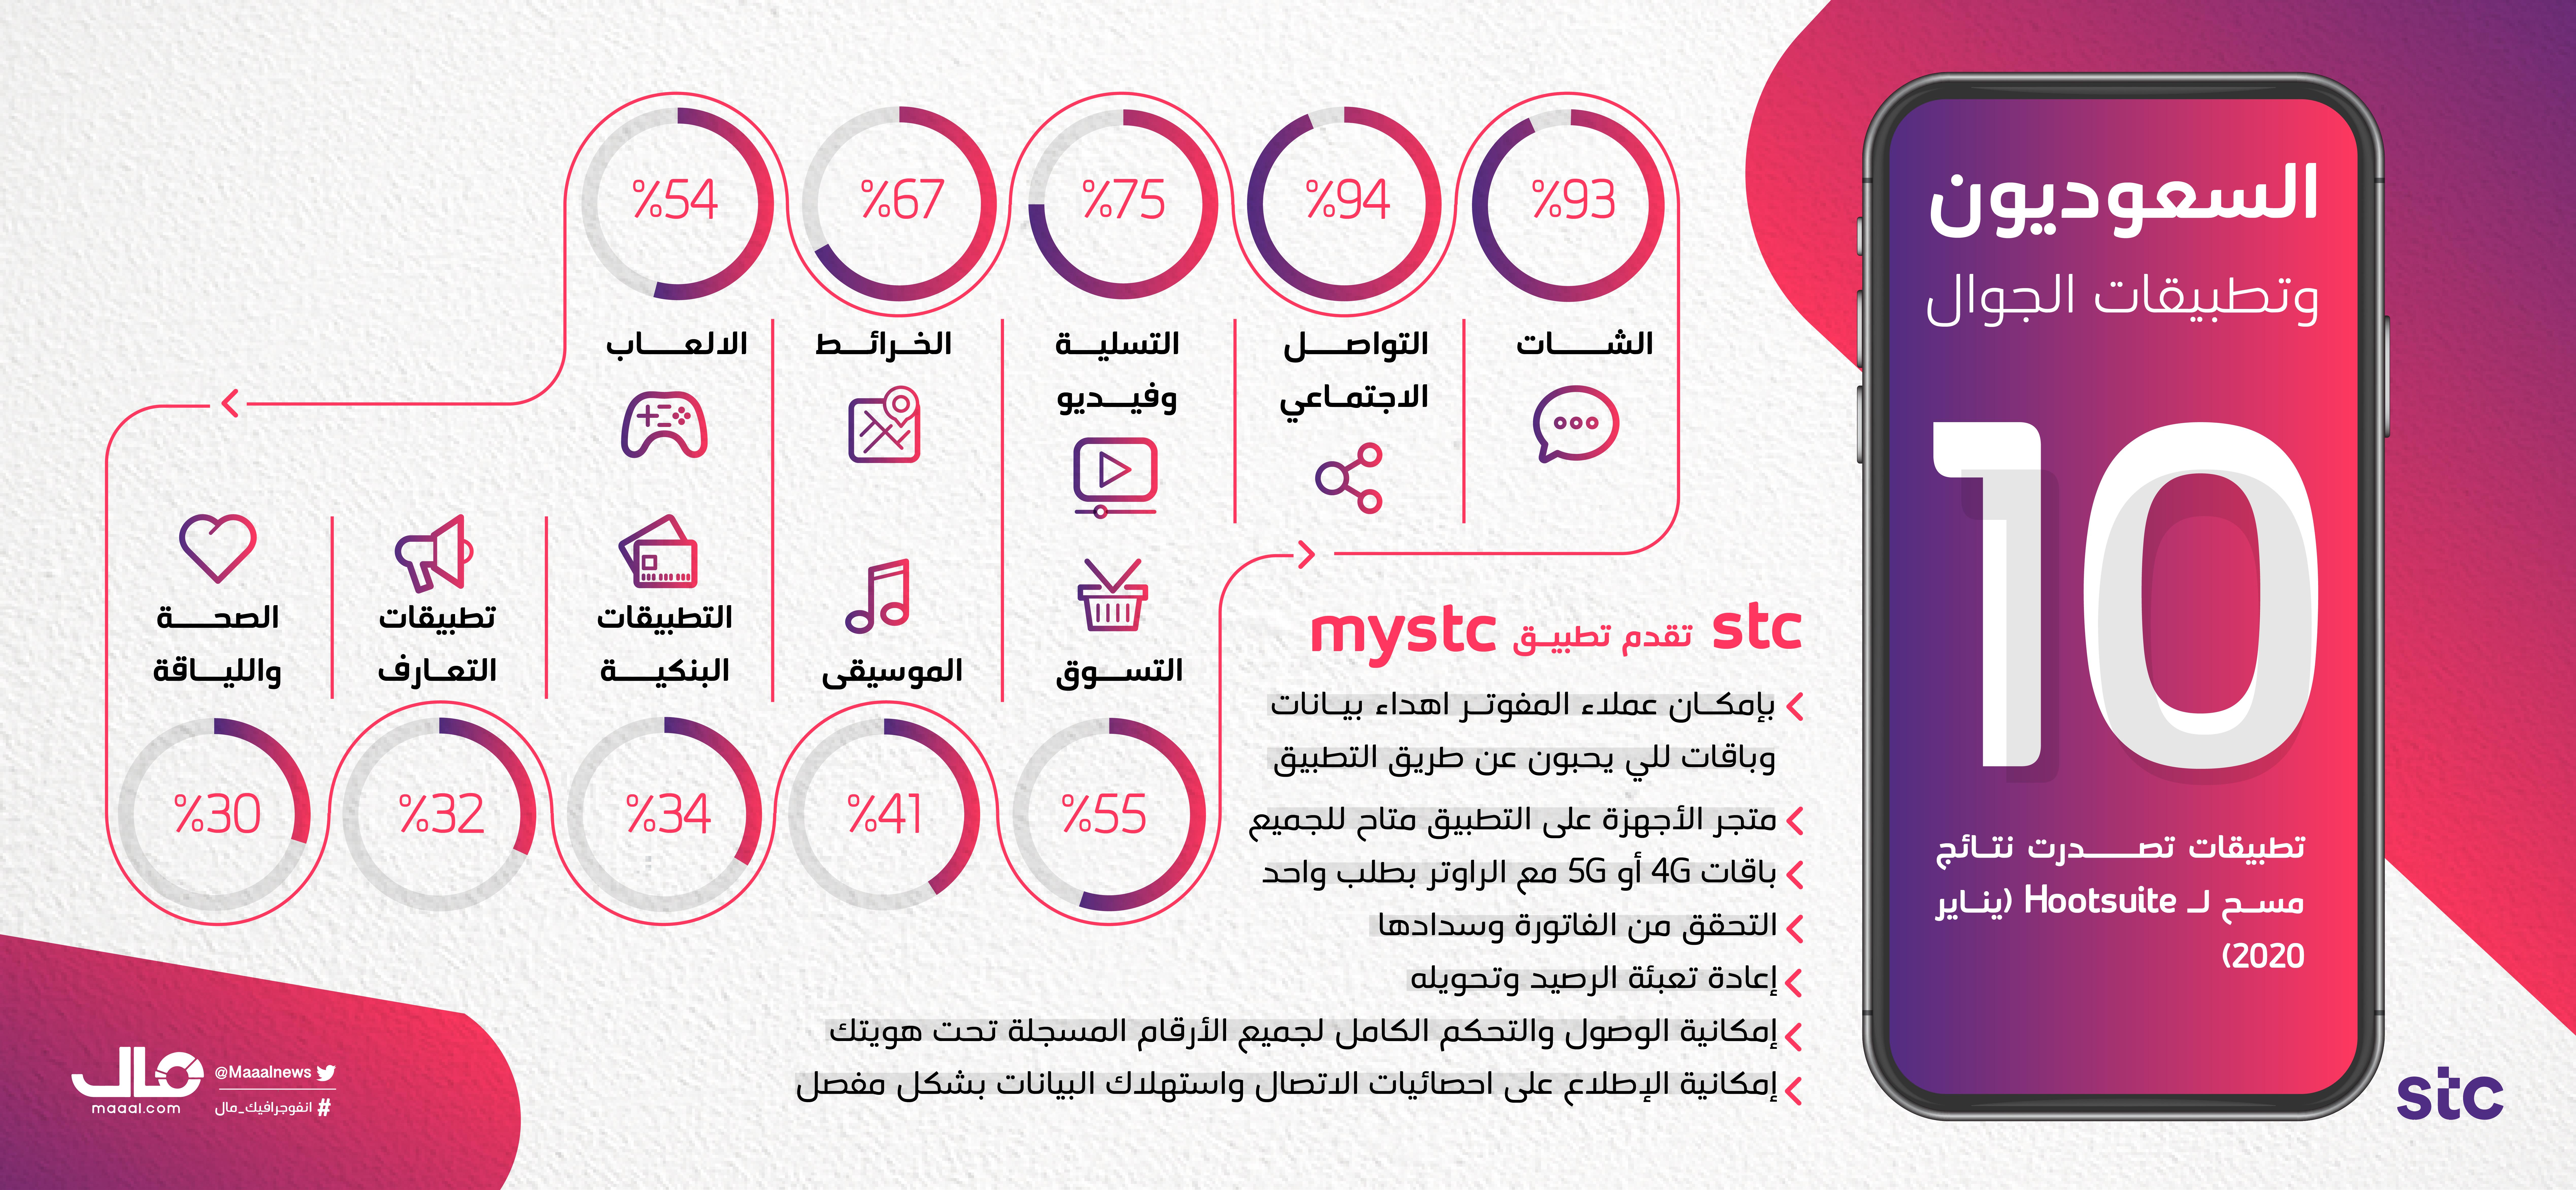 السعوديون وتطبيقات الجوال-01